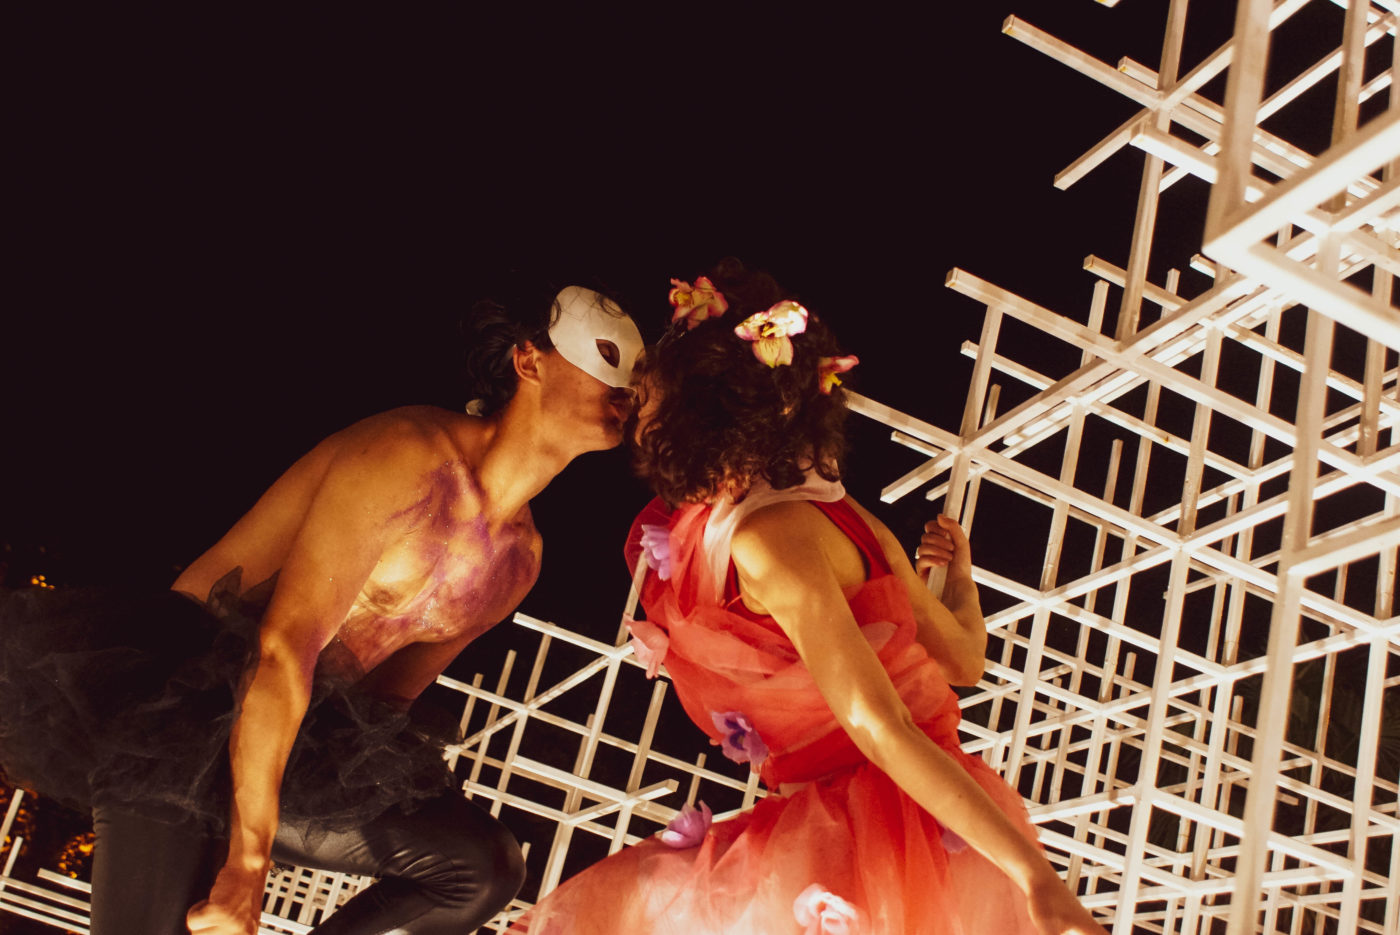 Eine weibliche und ein männlicher Schauspieler mit nacktem Oberkörper und weißer phantom der oper Maske küssen sich auf einem weißen streben Gerüst. der Hintergrund ist pech schwarz